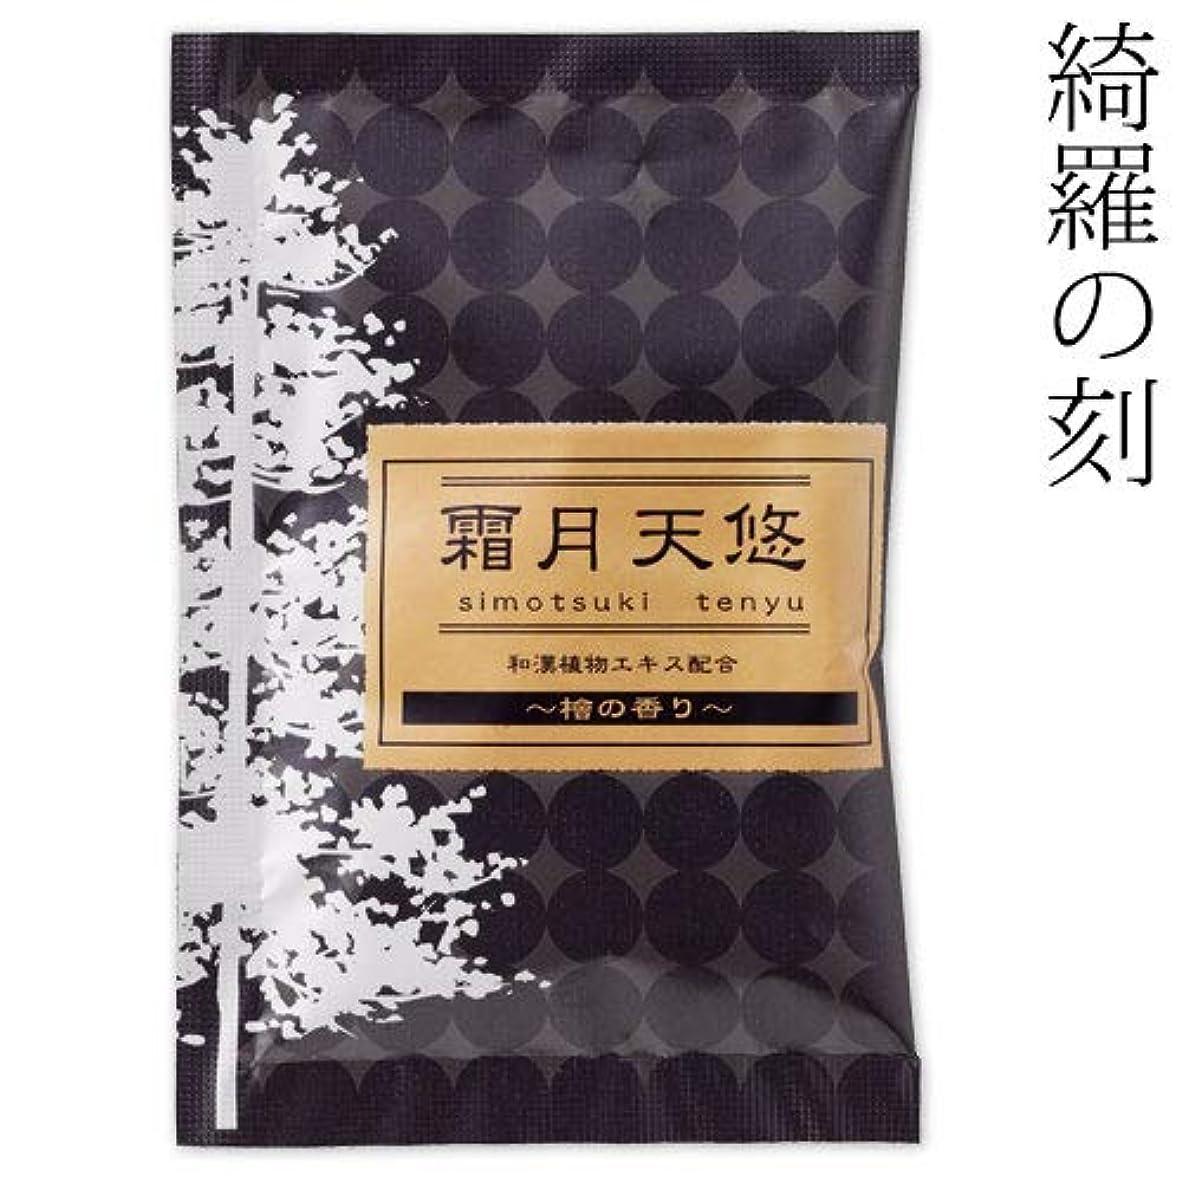 入浴剤綺羅の刻檜の香り霜月天悠1包石川県のお風呂グッズBath additive, Ishikawa craft